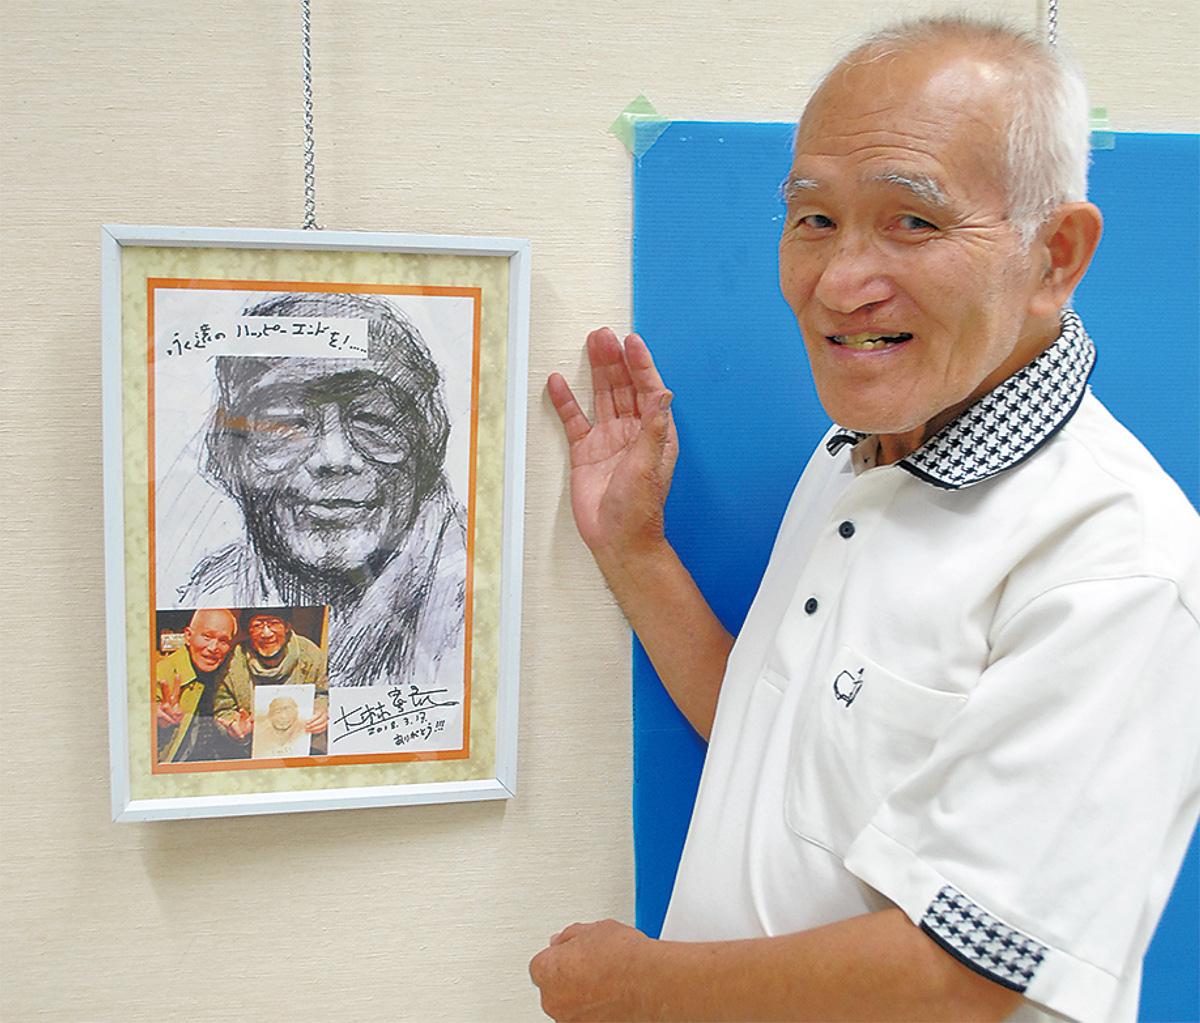 一番のお気に入りだという大林宣彦監督の似顔絵と河田さん